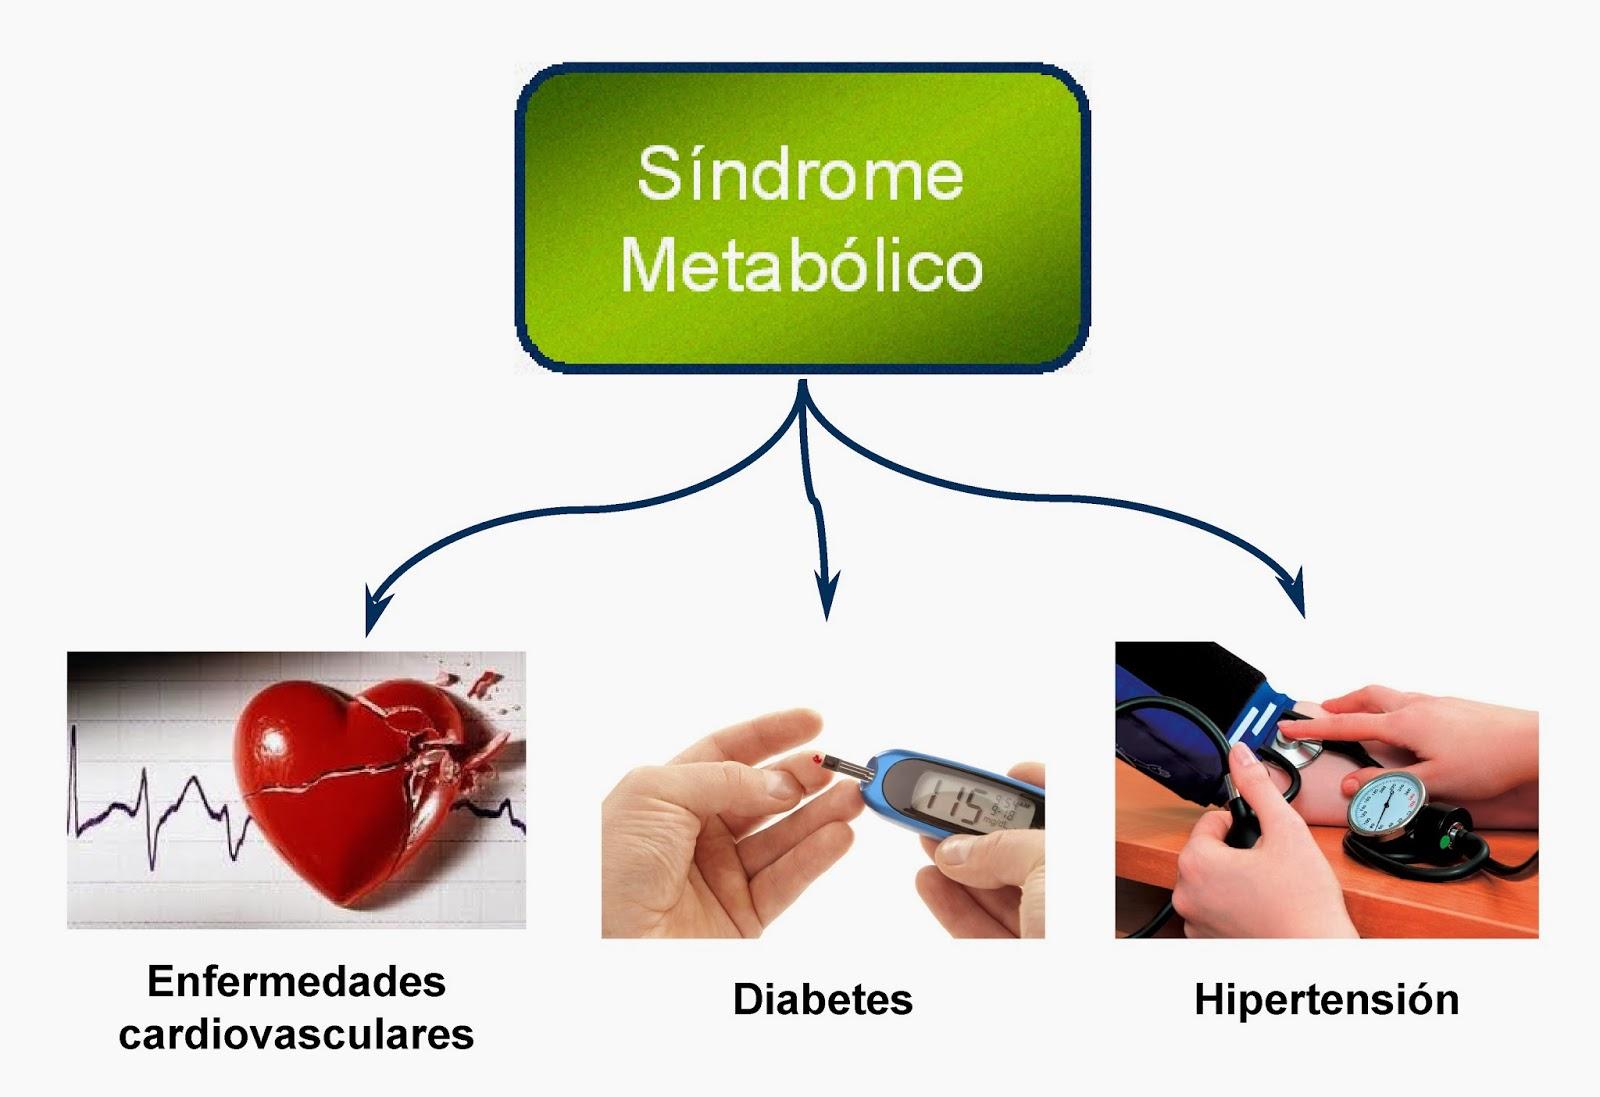 El síndrome metabólico es un grupo de factores de riesgo metabólicos